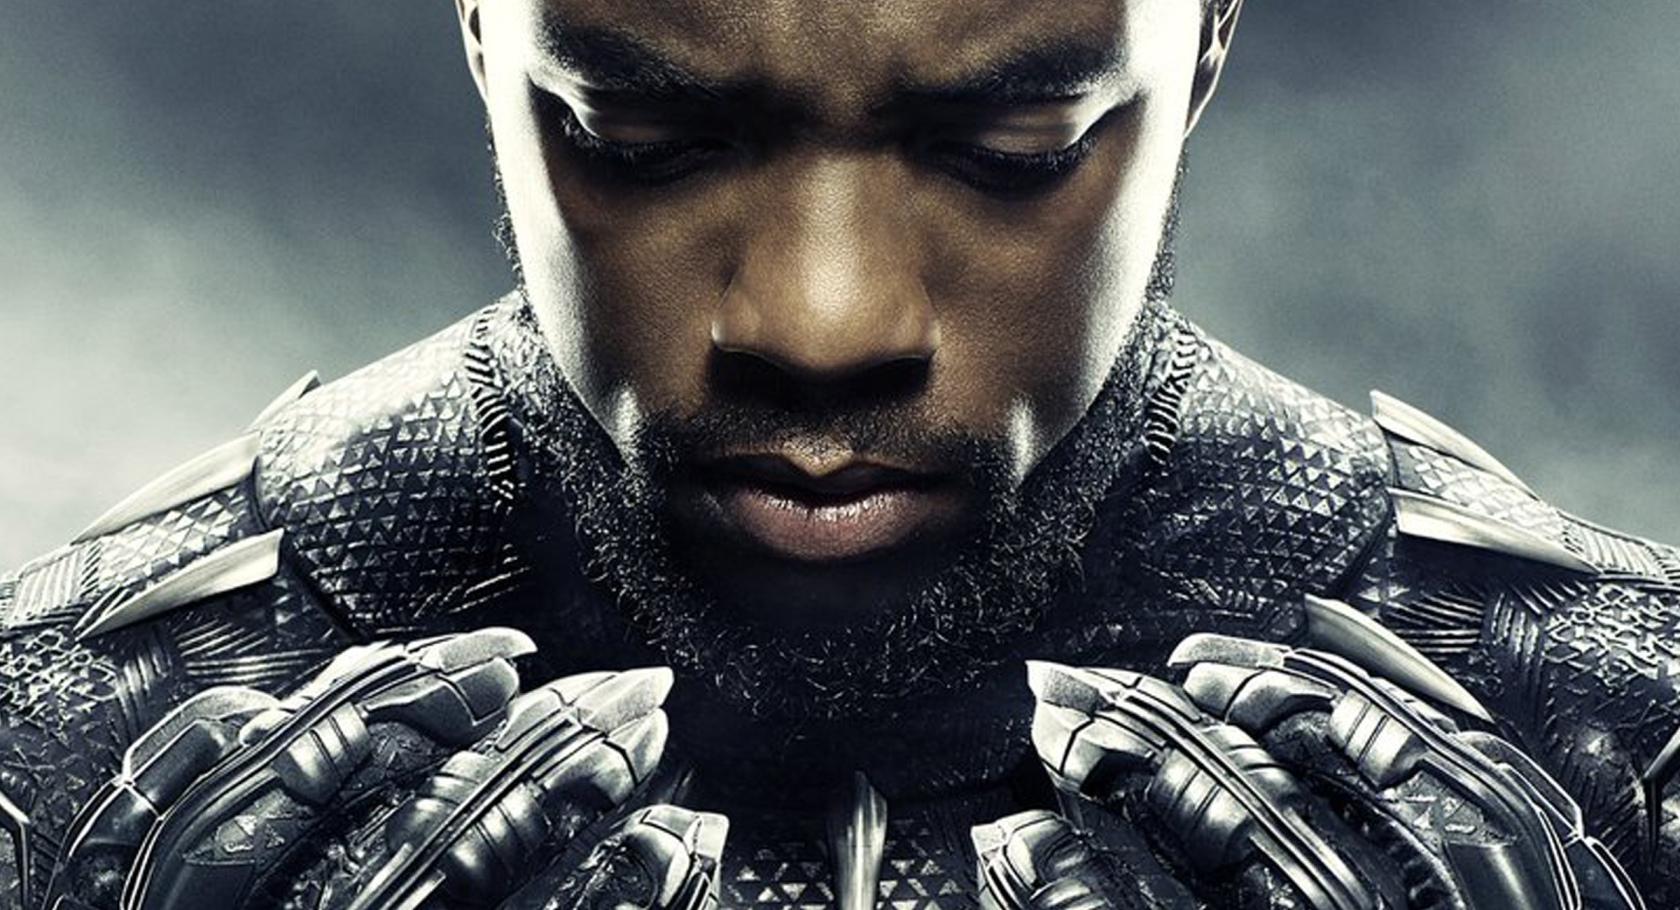 ¡Ya es oficial! 'Black Panther' es la película de superhéroes más taquillera de la historia